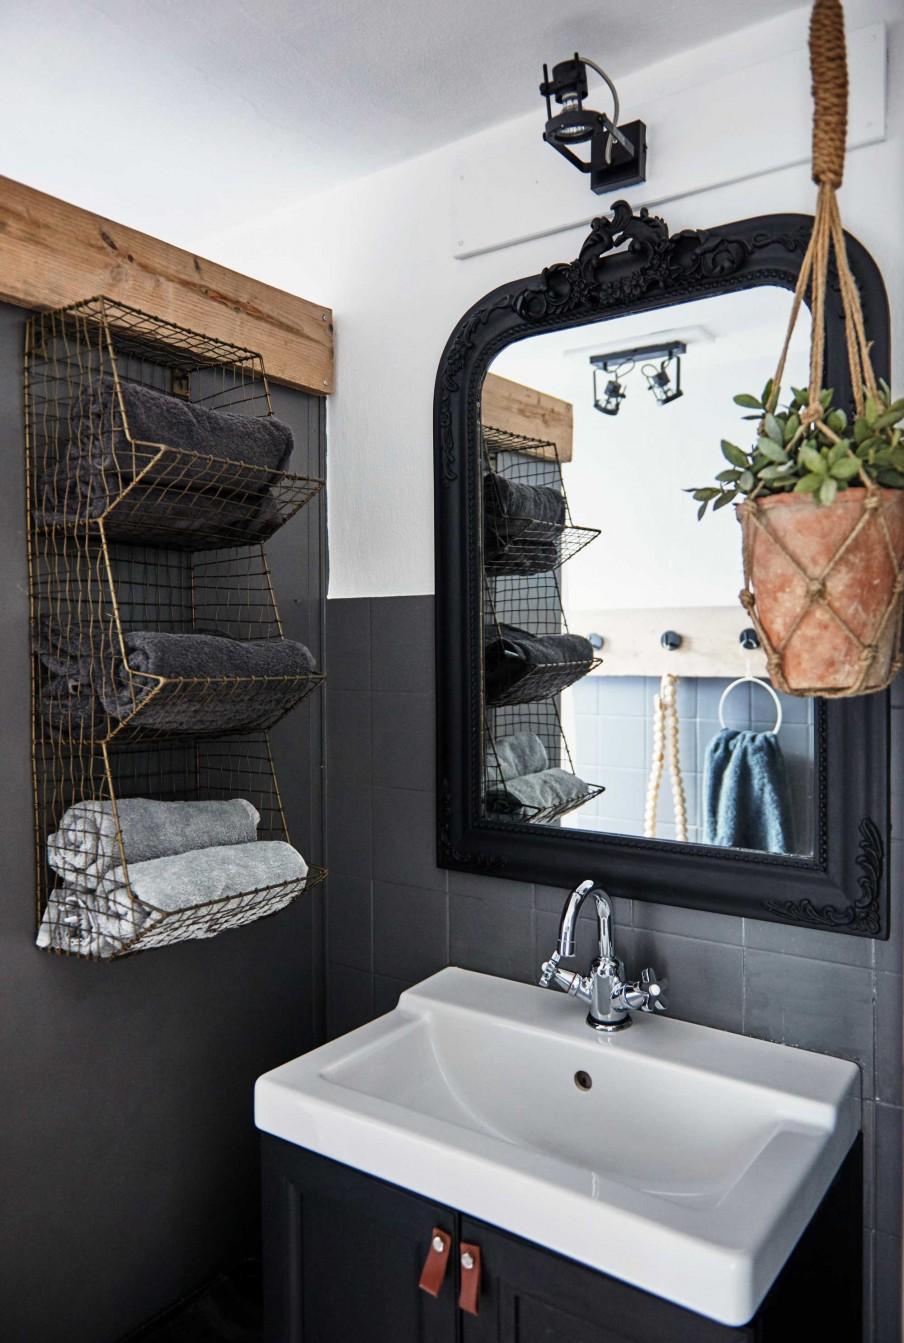 12 salle de bain miroir